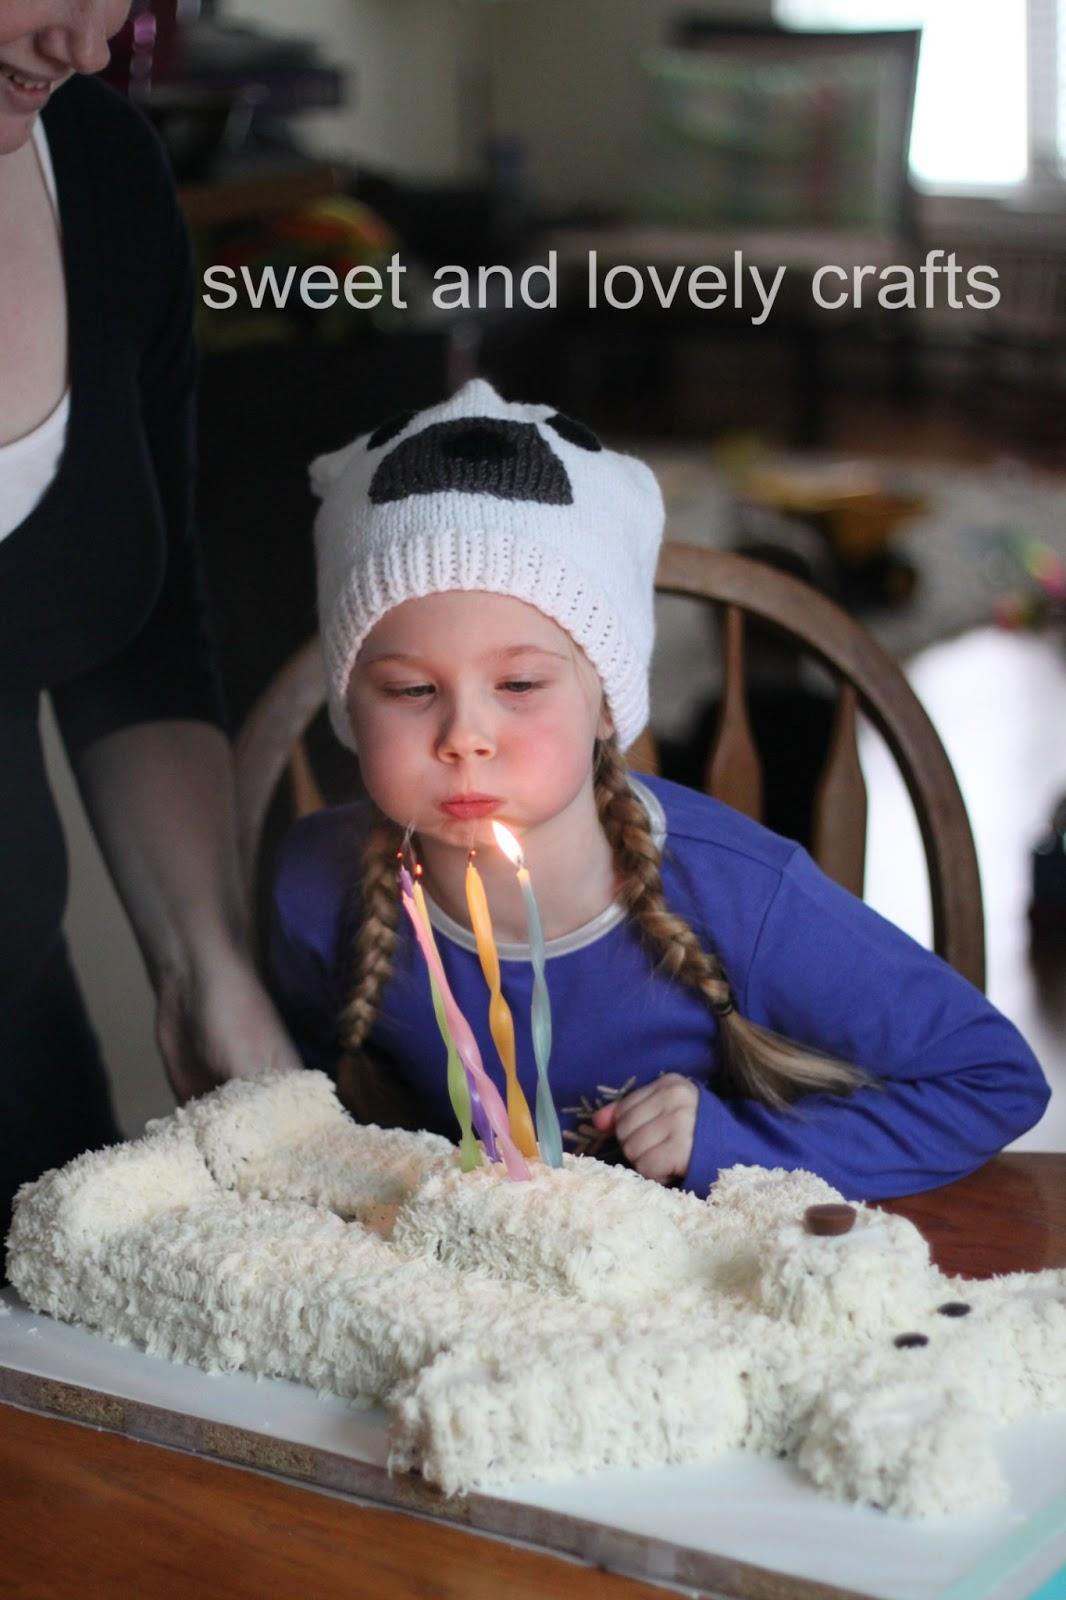 http://1.bp.blogspot.com/-tNhtRN4hbIs/US6nD_Yz1jI/AAAAAAAABQM/YHBiSxcuGYY/s1600/candles.jpg